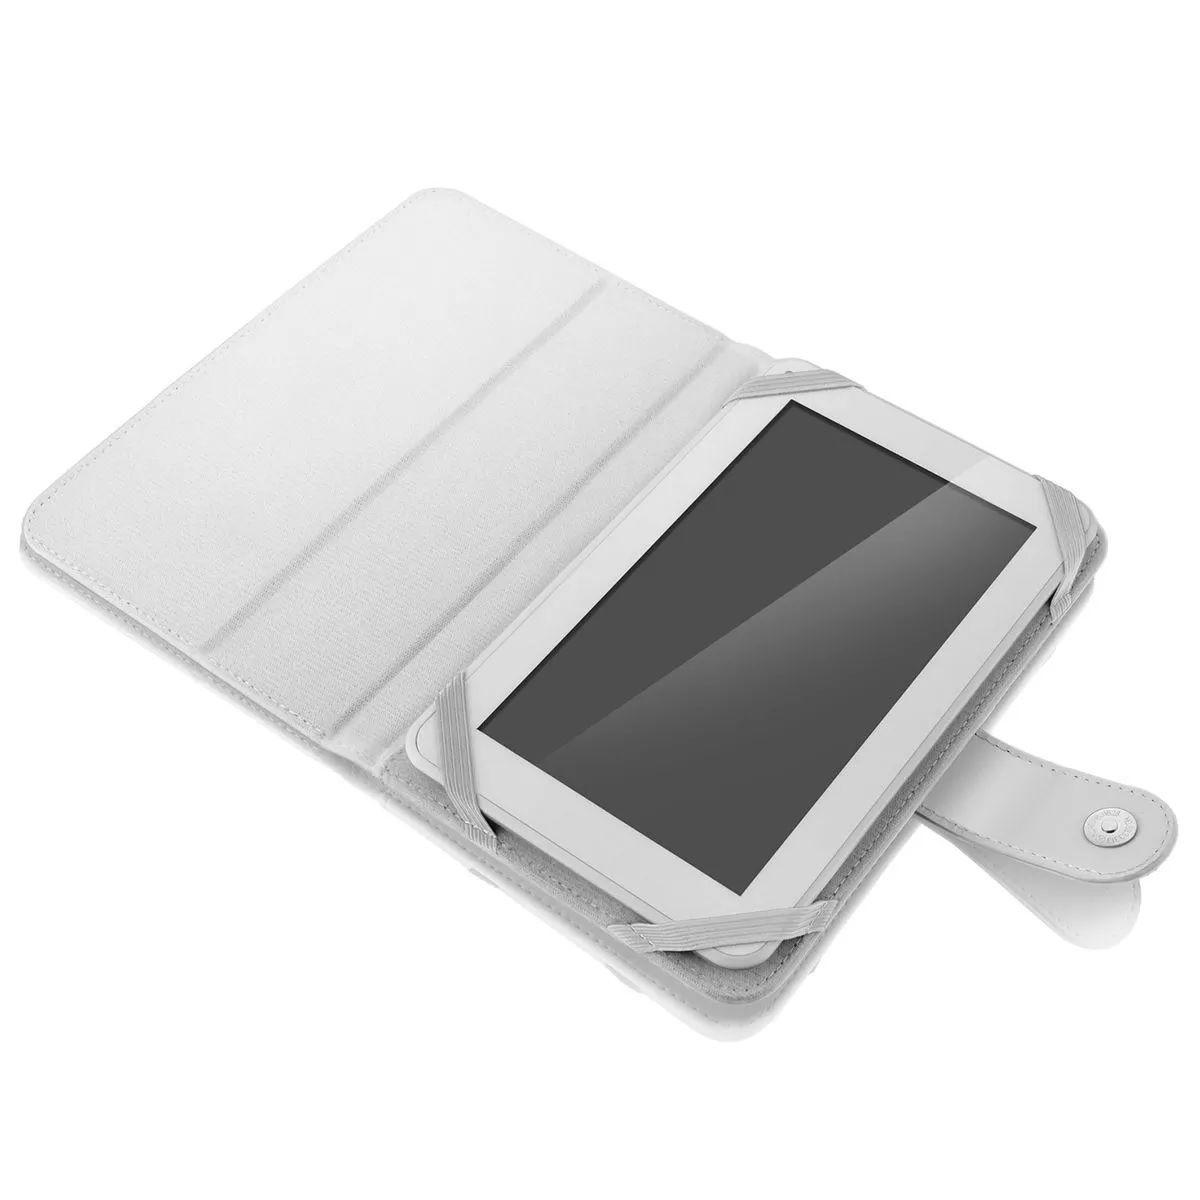 Capa Case Para Tablet 7 Polegadas Branco - Multilaser